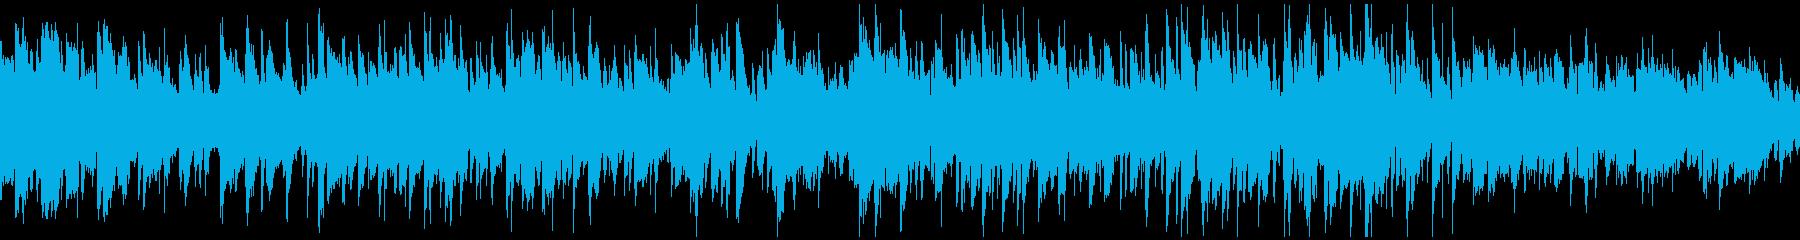 ソプラノサックスのボサノバ ※ループ版の再生済みの波形